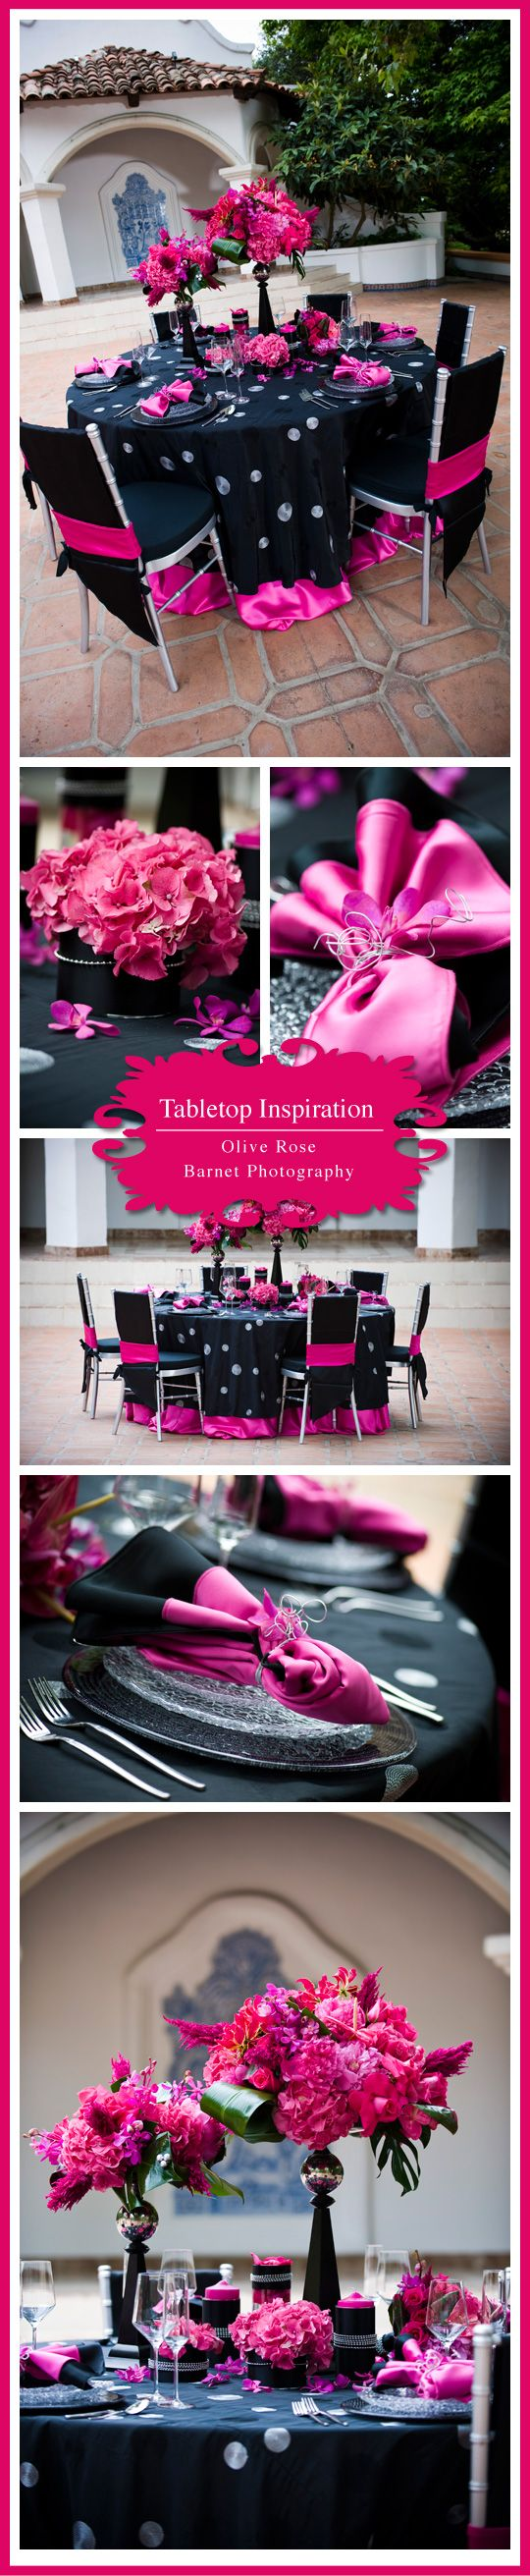 best tablescape images on pinterest flower arrangements place